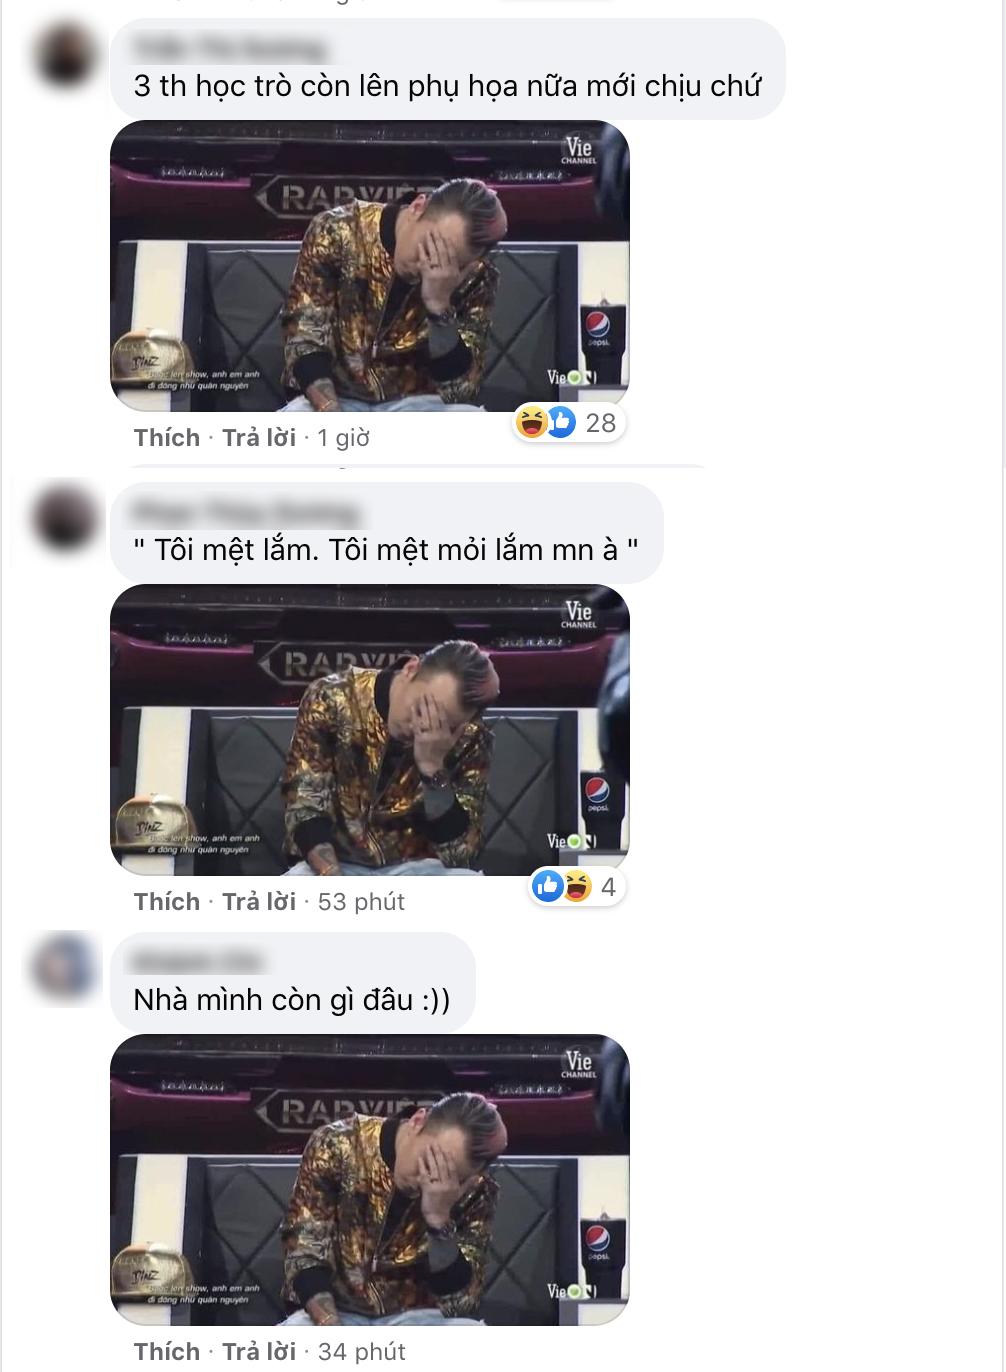 Binz 'đau đầu' với học trò và được cư dân mạng đem ra chế meme